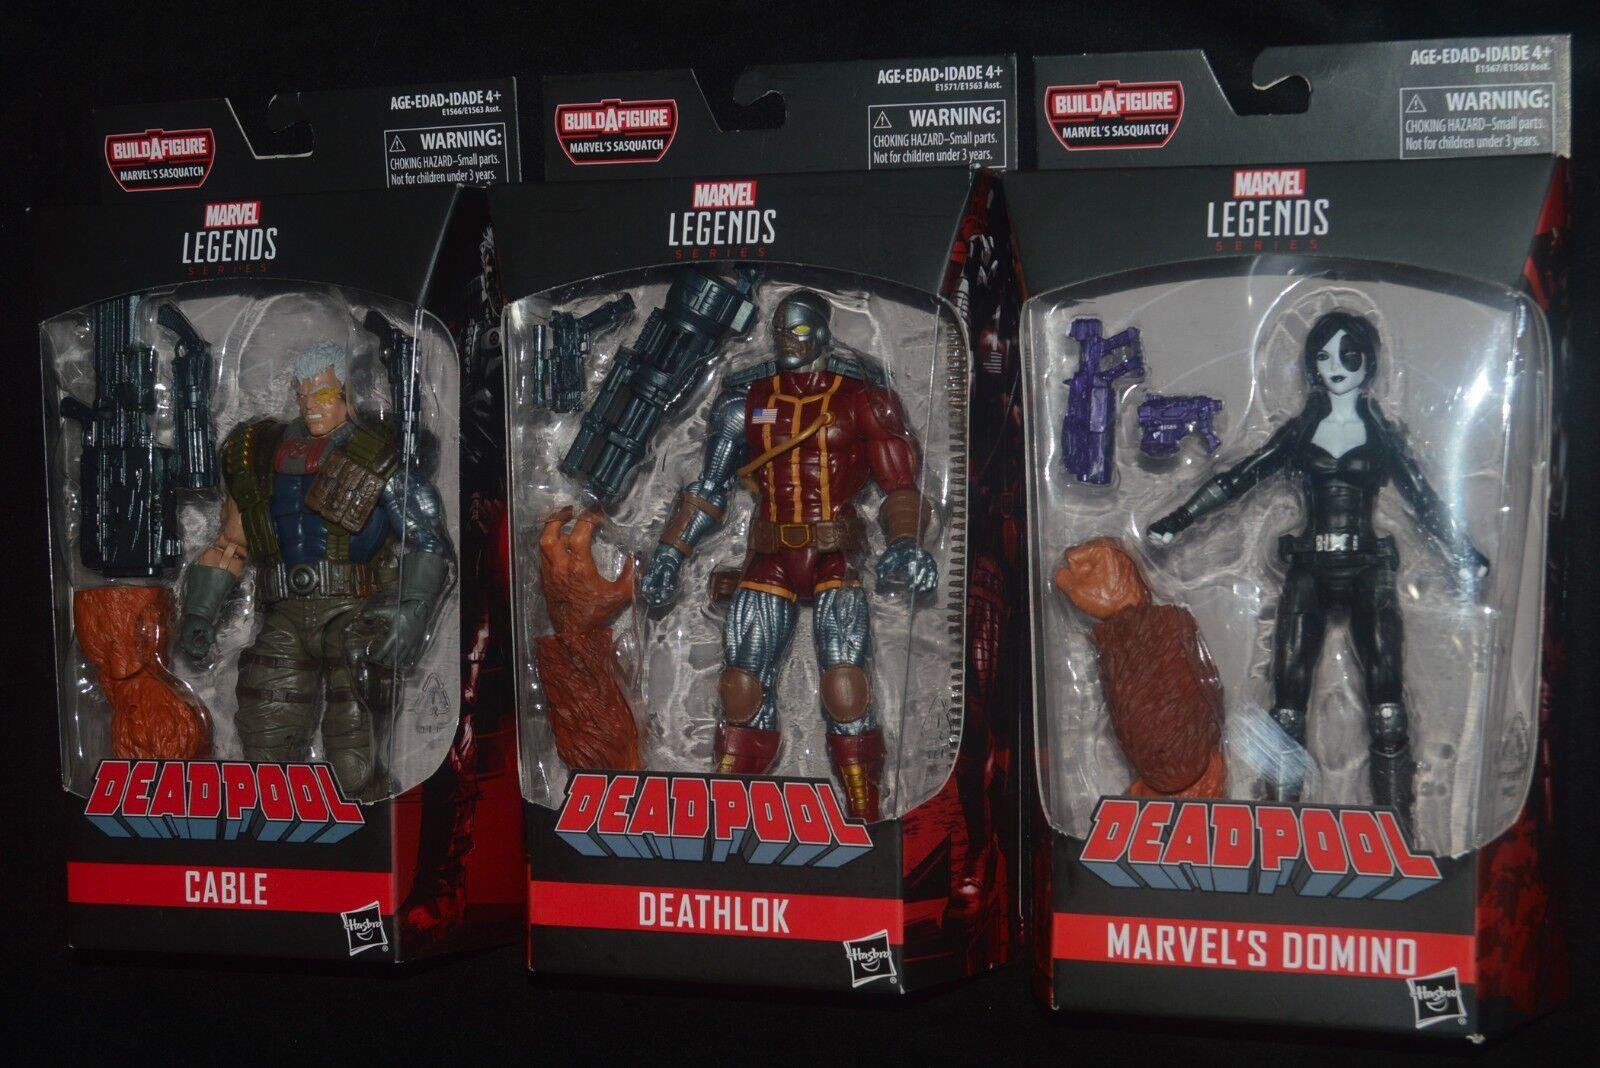 Marvel - legenden kabel, deathlok & domino fr deadpool bigfoot baf - serie mip